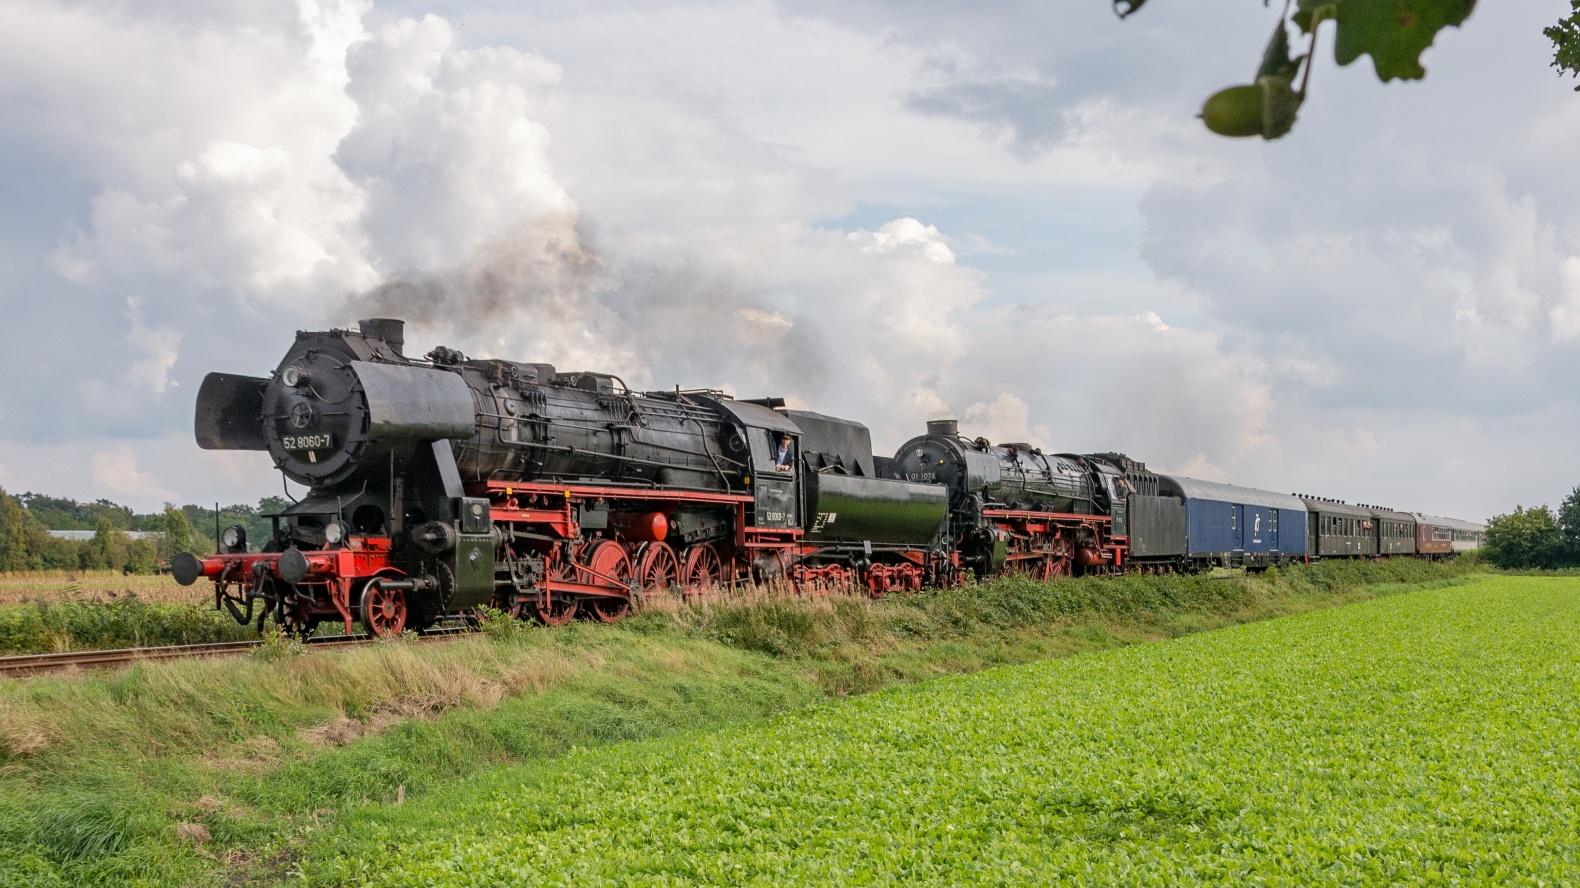 Nostalgie Erlebnis Dampfzüge Holland